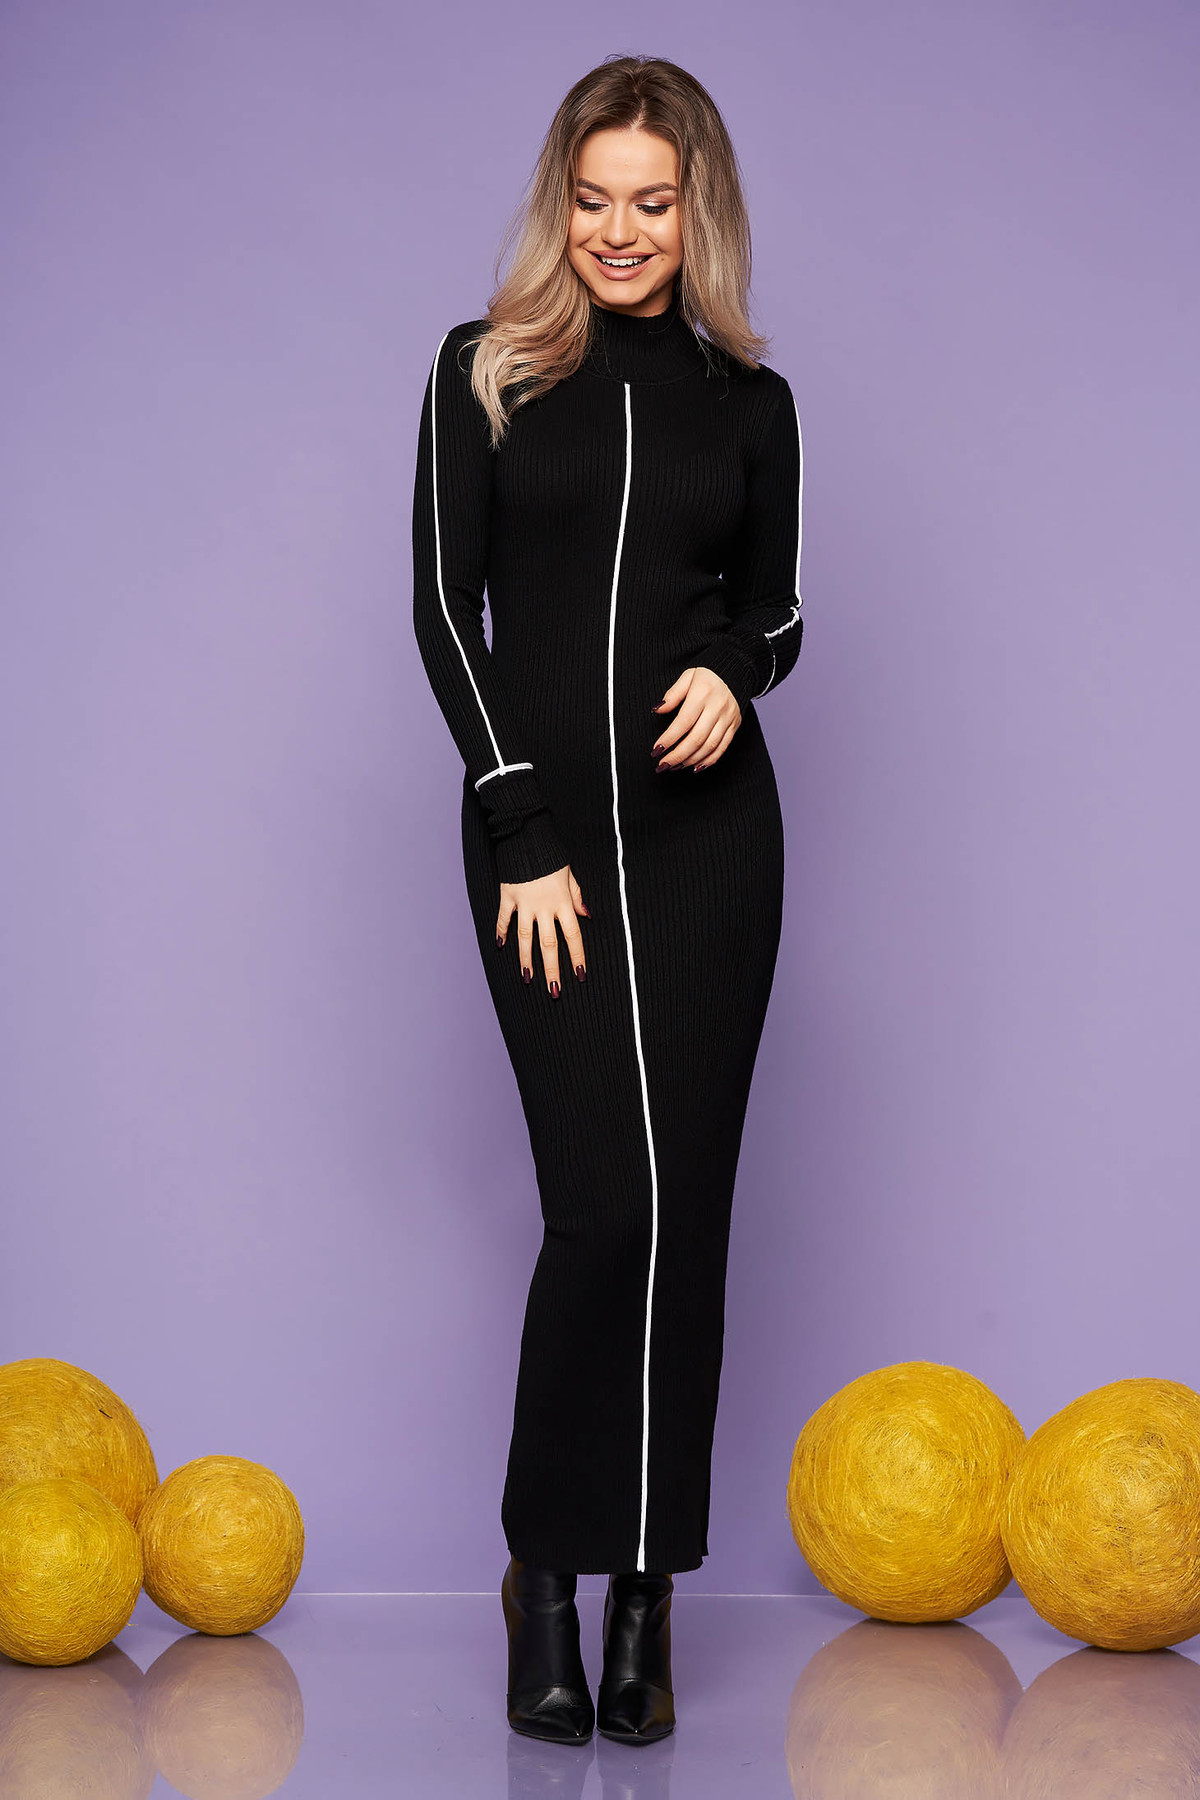 Rochie SunShine neagra casual lunga de zi tip creion pe gat tricotata cu un croi cambrat